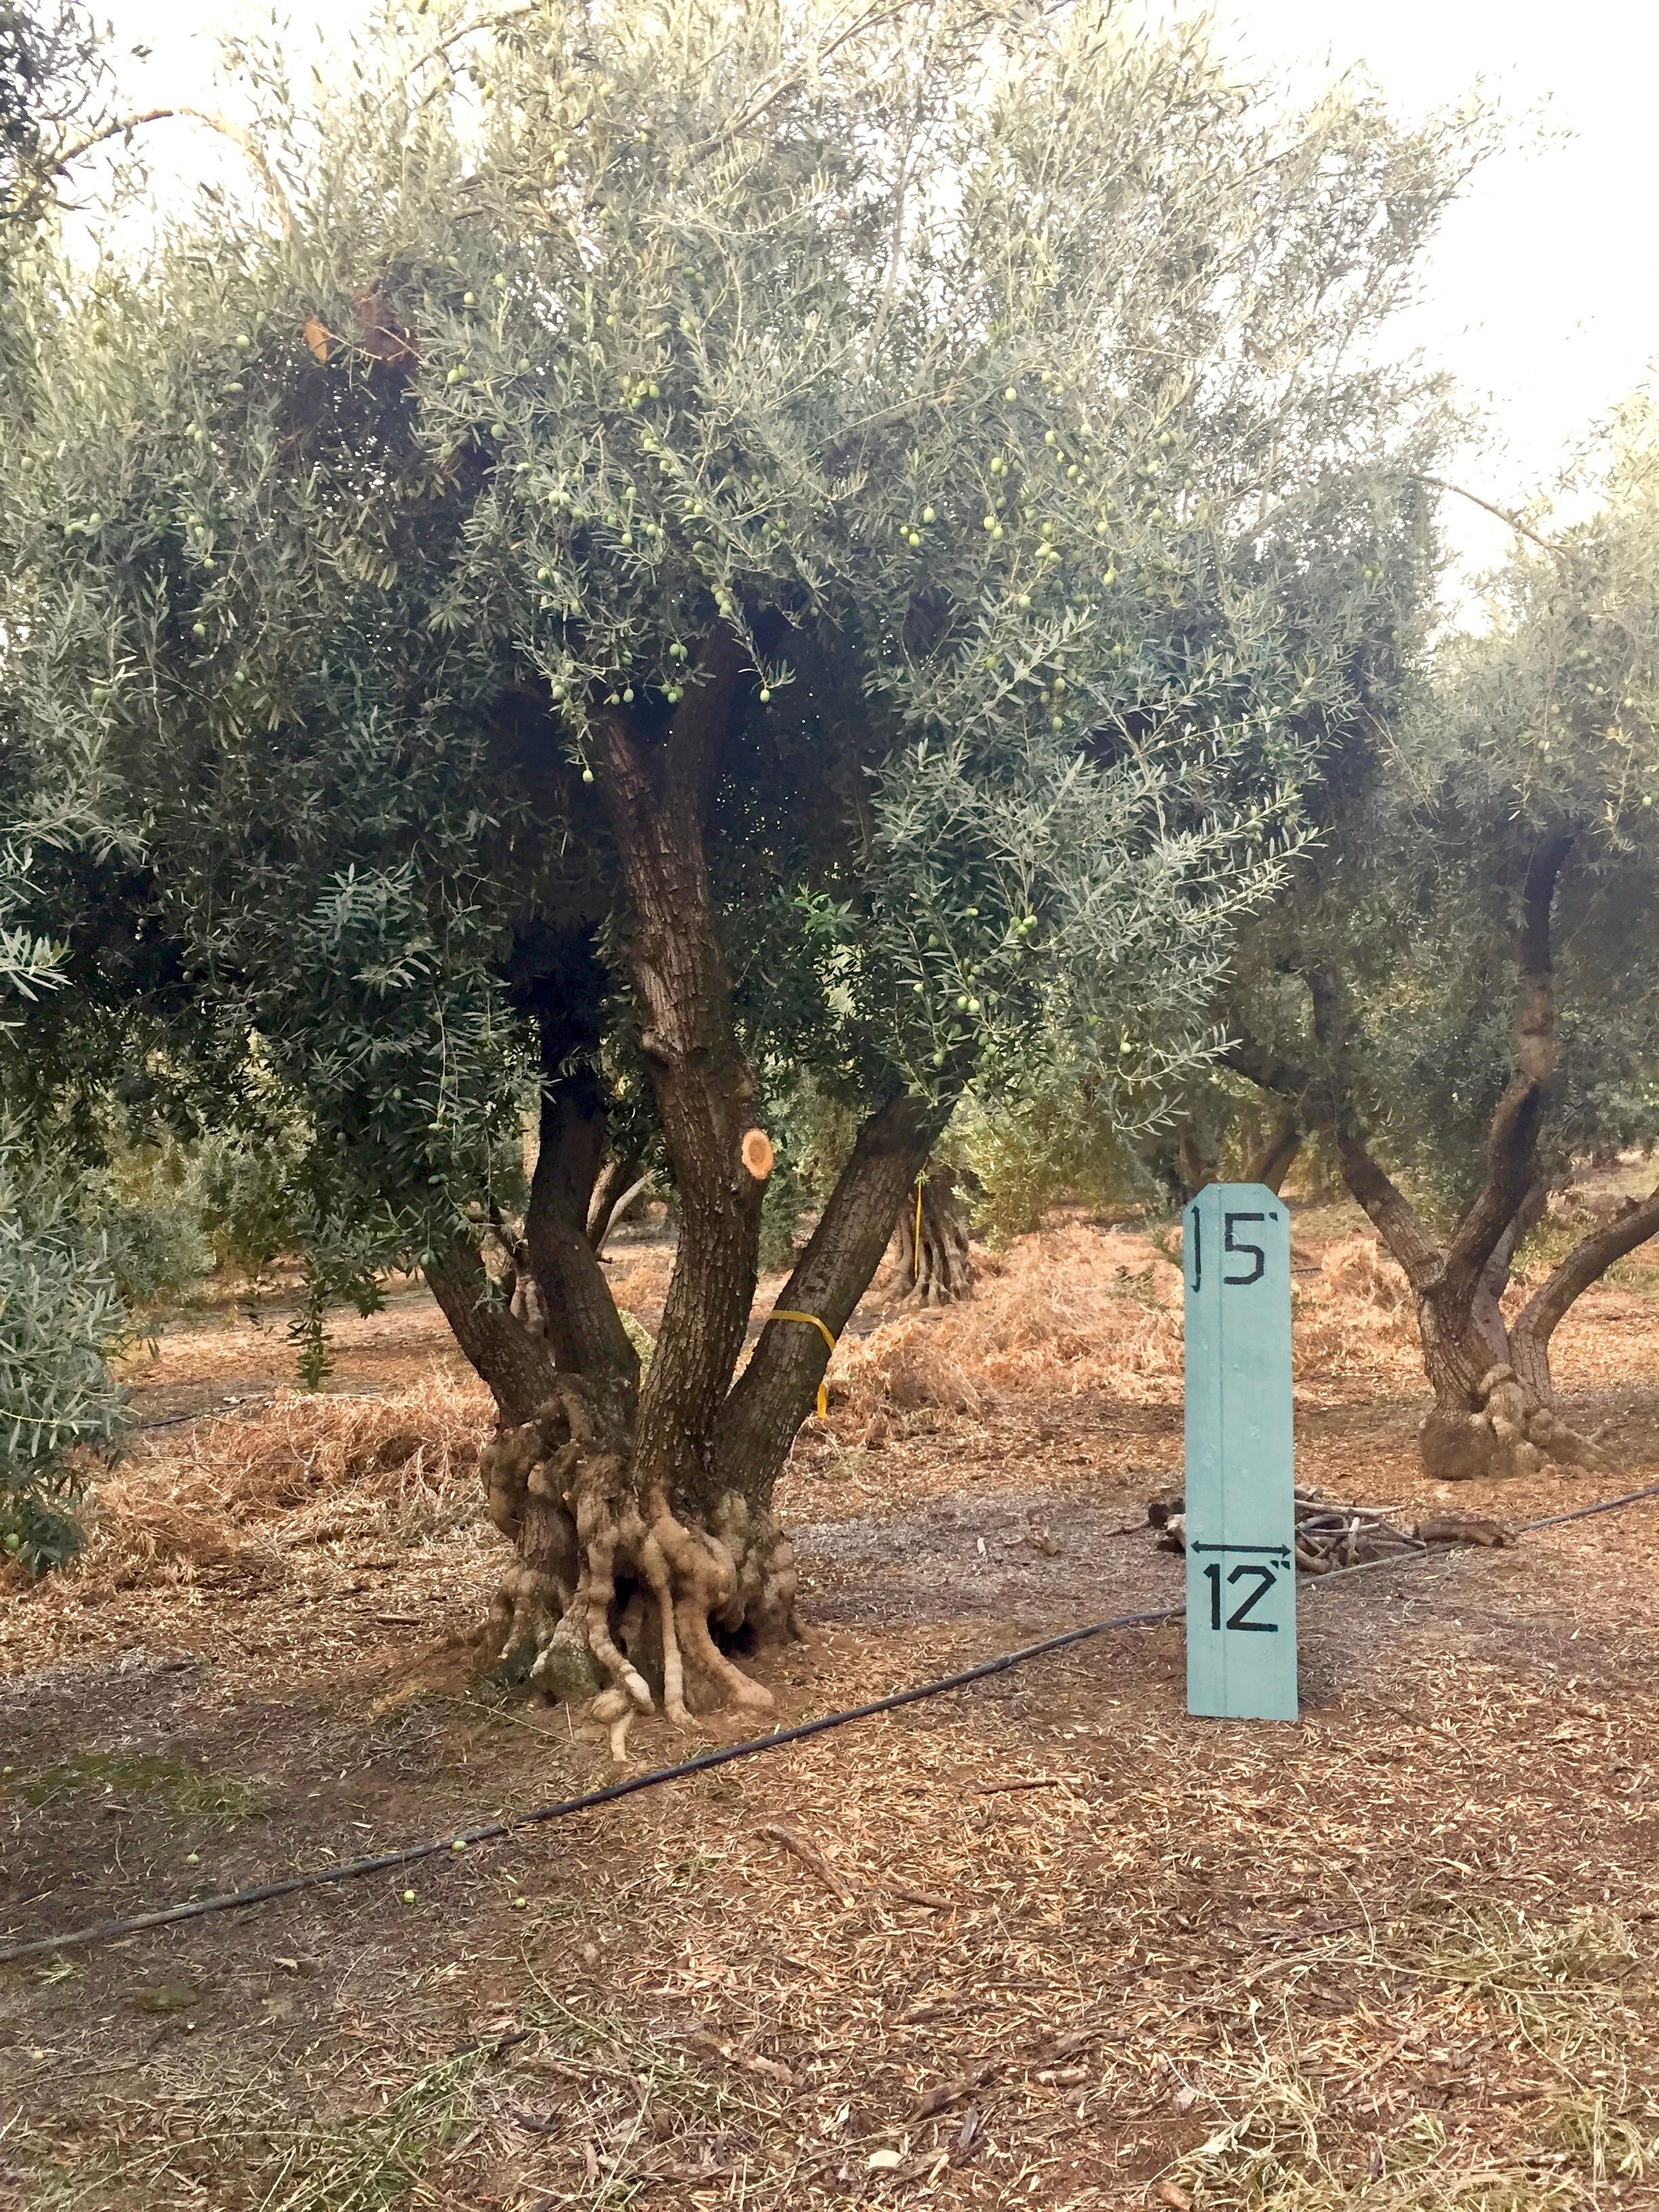 XXLarge Olive Tree image 1